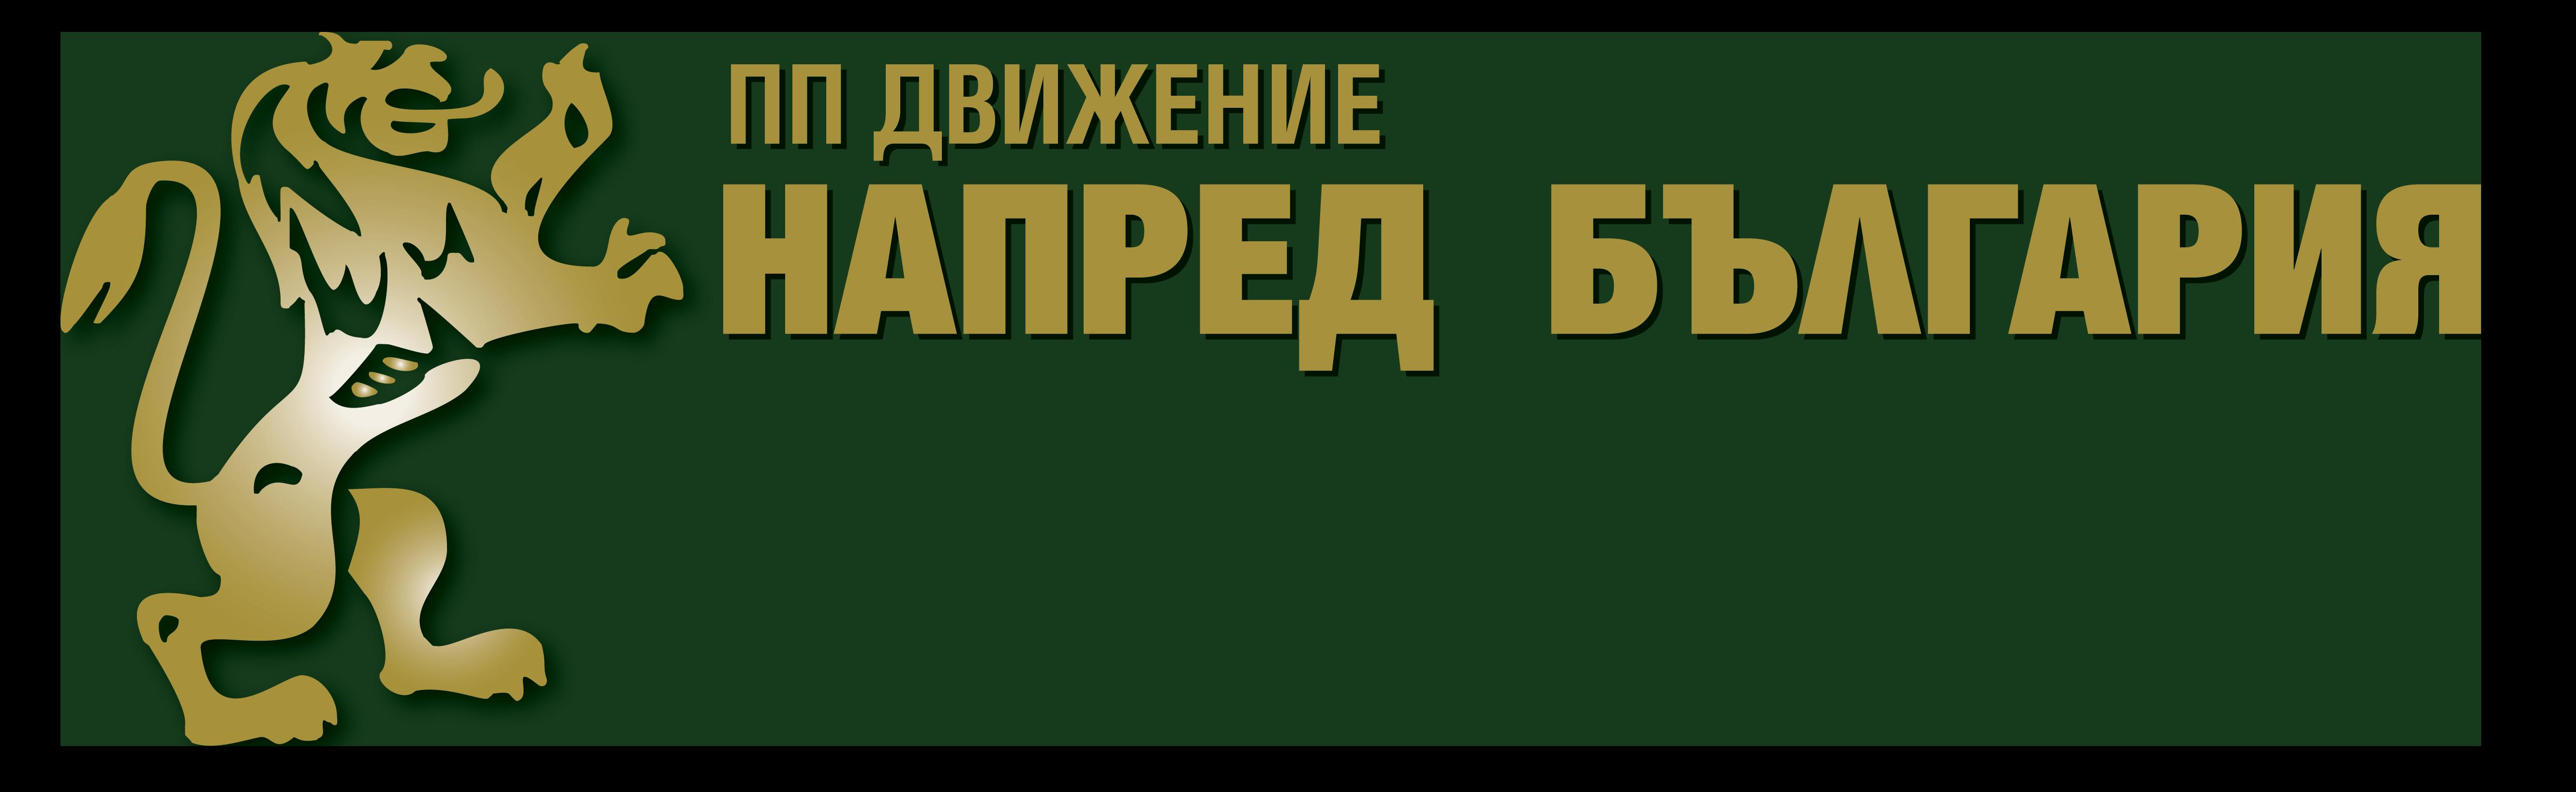 ПП ДВИЖЕНИЕ НАПРЕД БЪЛГАРИЯ